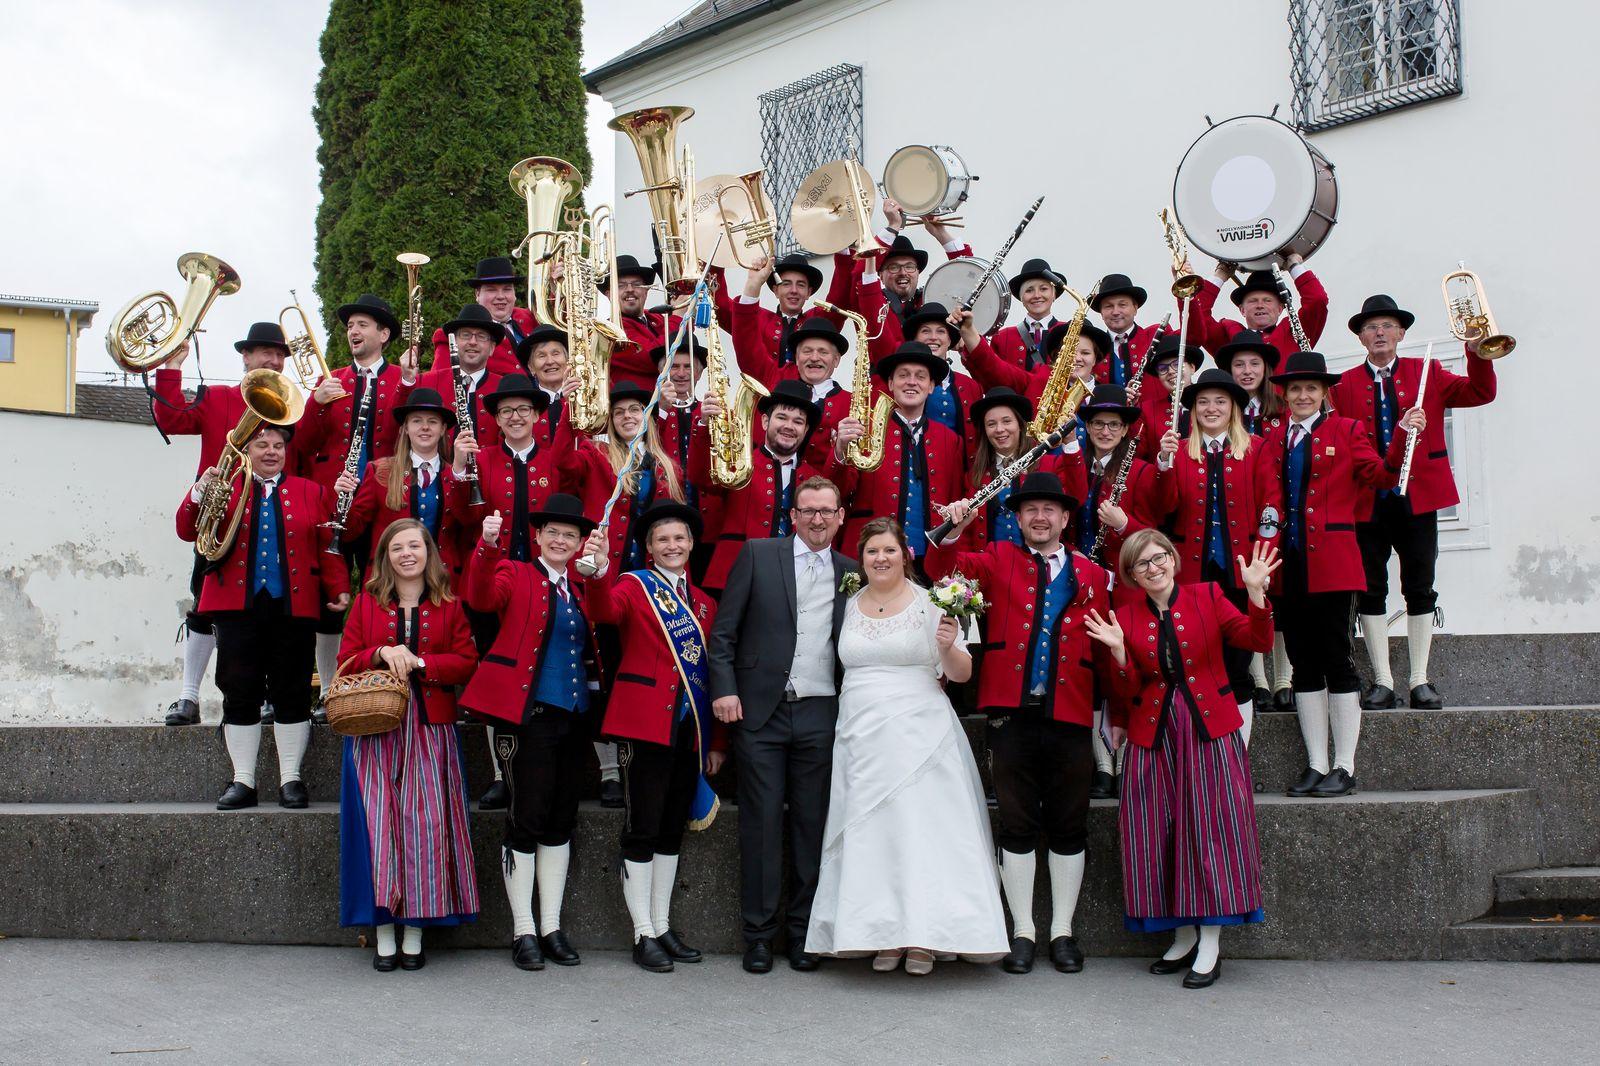 2017.10.07 Hochzeit Elisabeth und Daniel Seyerl - EO9B1458_fertig_kl